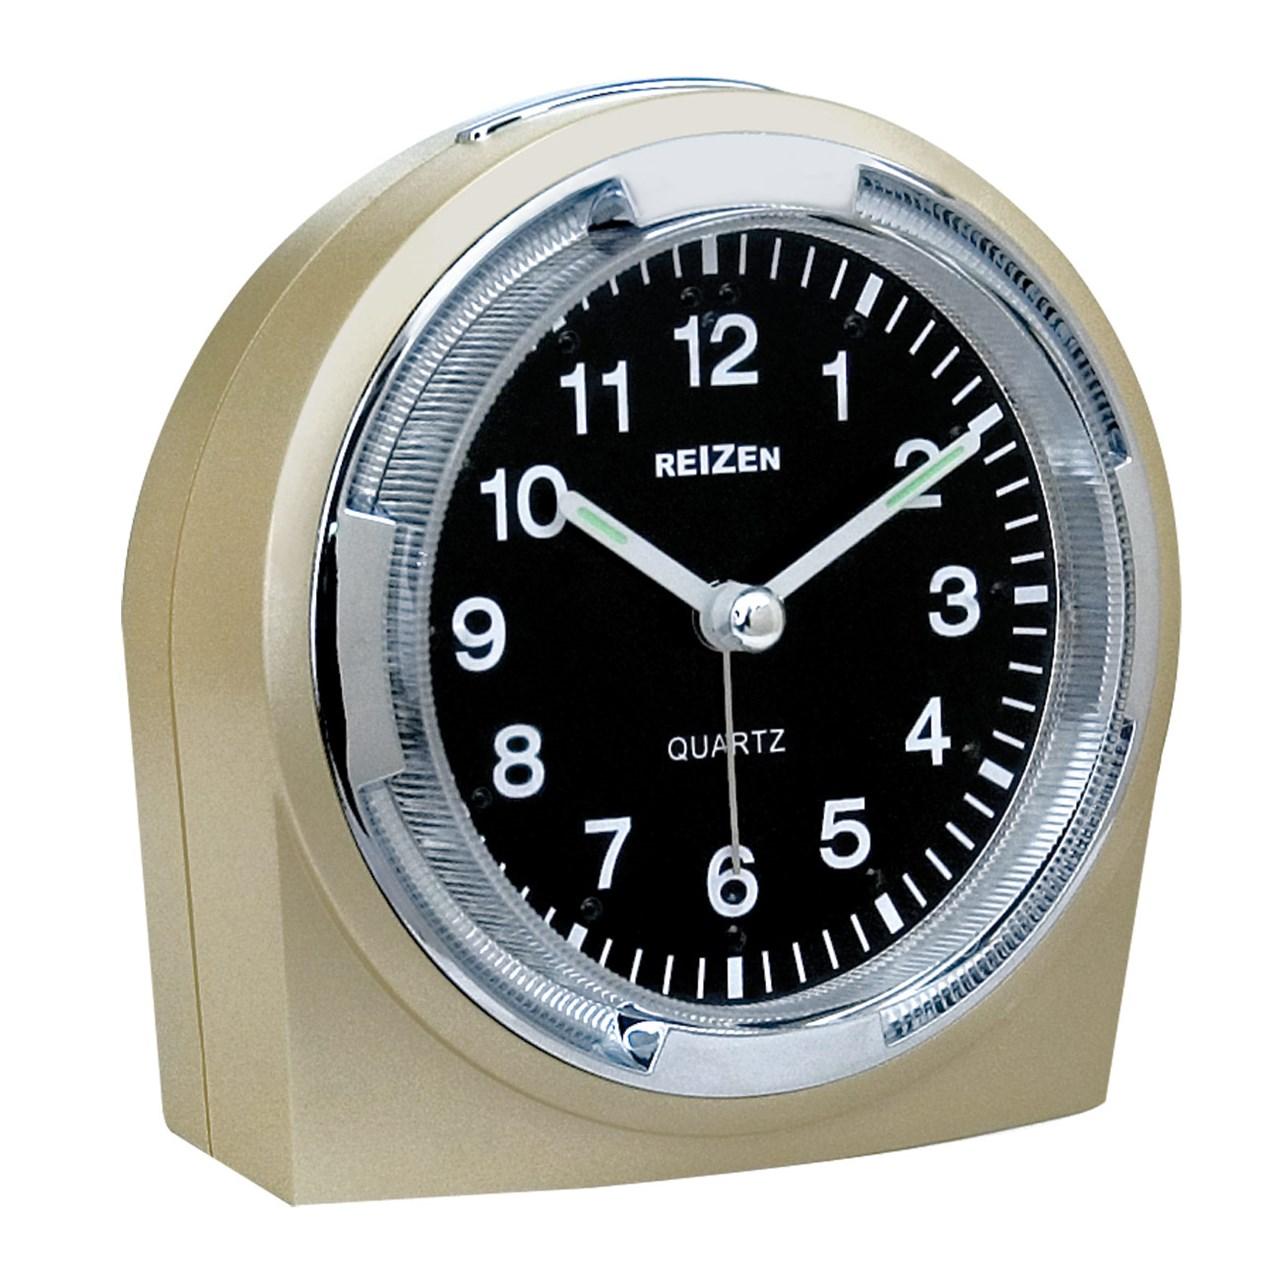 Maxiaids Reizen Braille Quartz Alarm Clock With